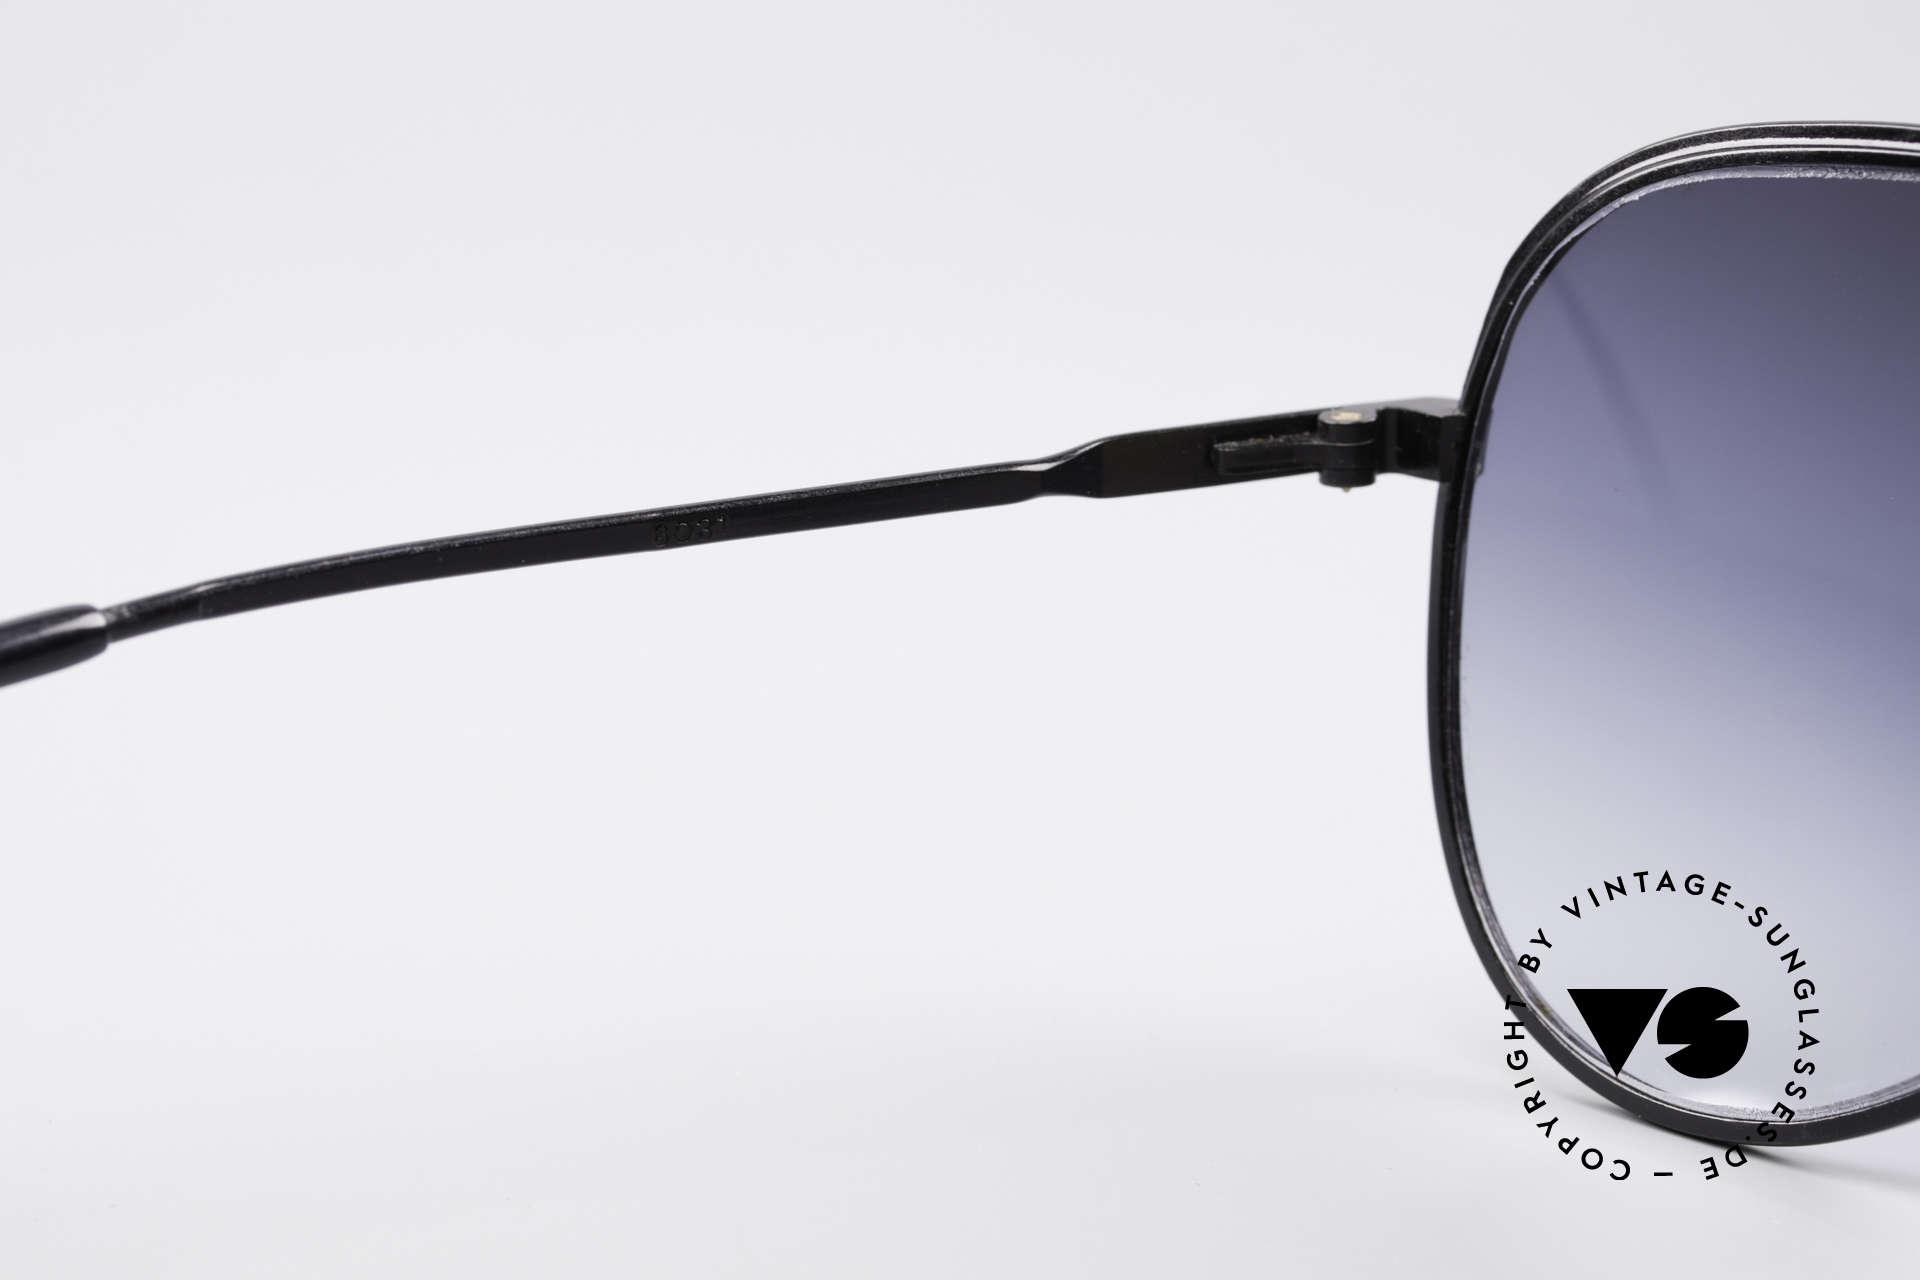 Linda Farrow 6031 Scarface Filmbrille, Linda Farrow 6031 Scarface Brille: Filmgeschichte pur, Passend für Herren